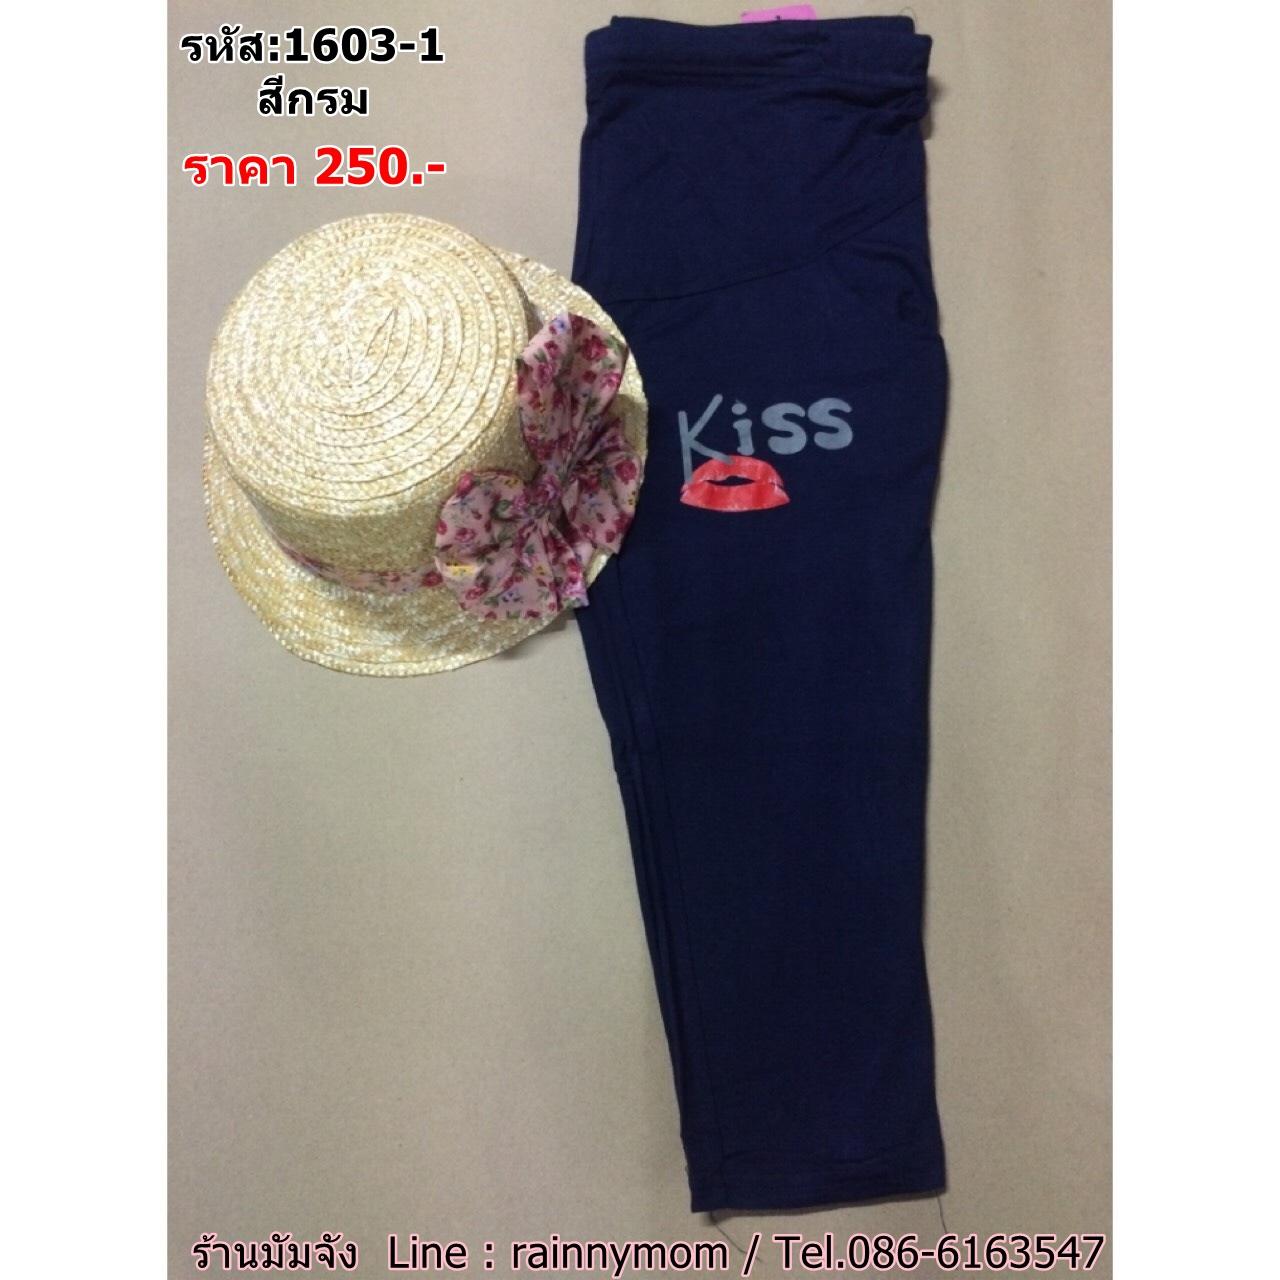 #เลกกิ้งคนท้อง ขาสามส่วน ลวดลายน่ารัก 2 สีให้เลือกค่ะ มีผ้ารองรับหน้าท้อง มีสายปรับที่เอว ใส่สบายค่ะ